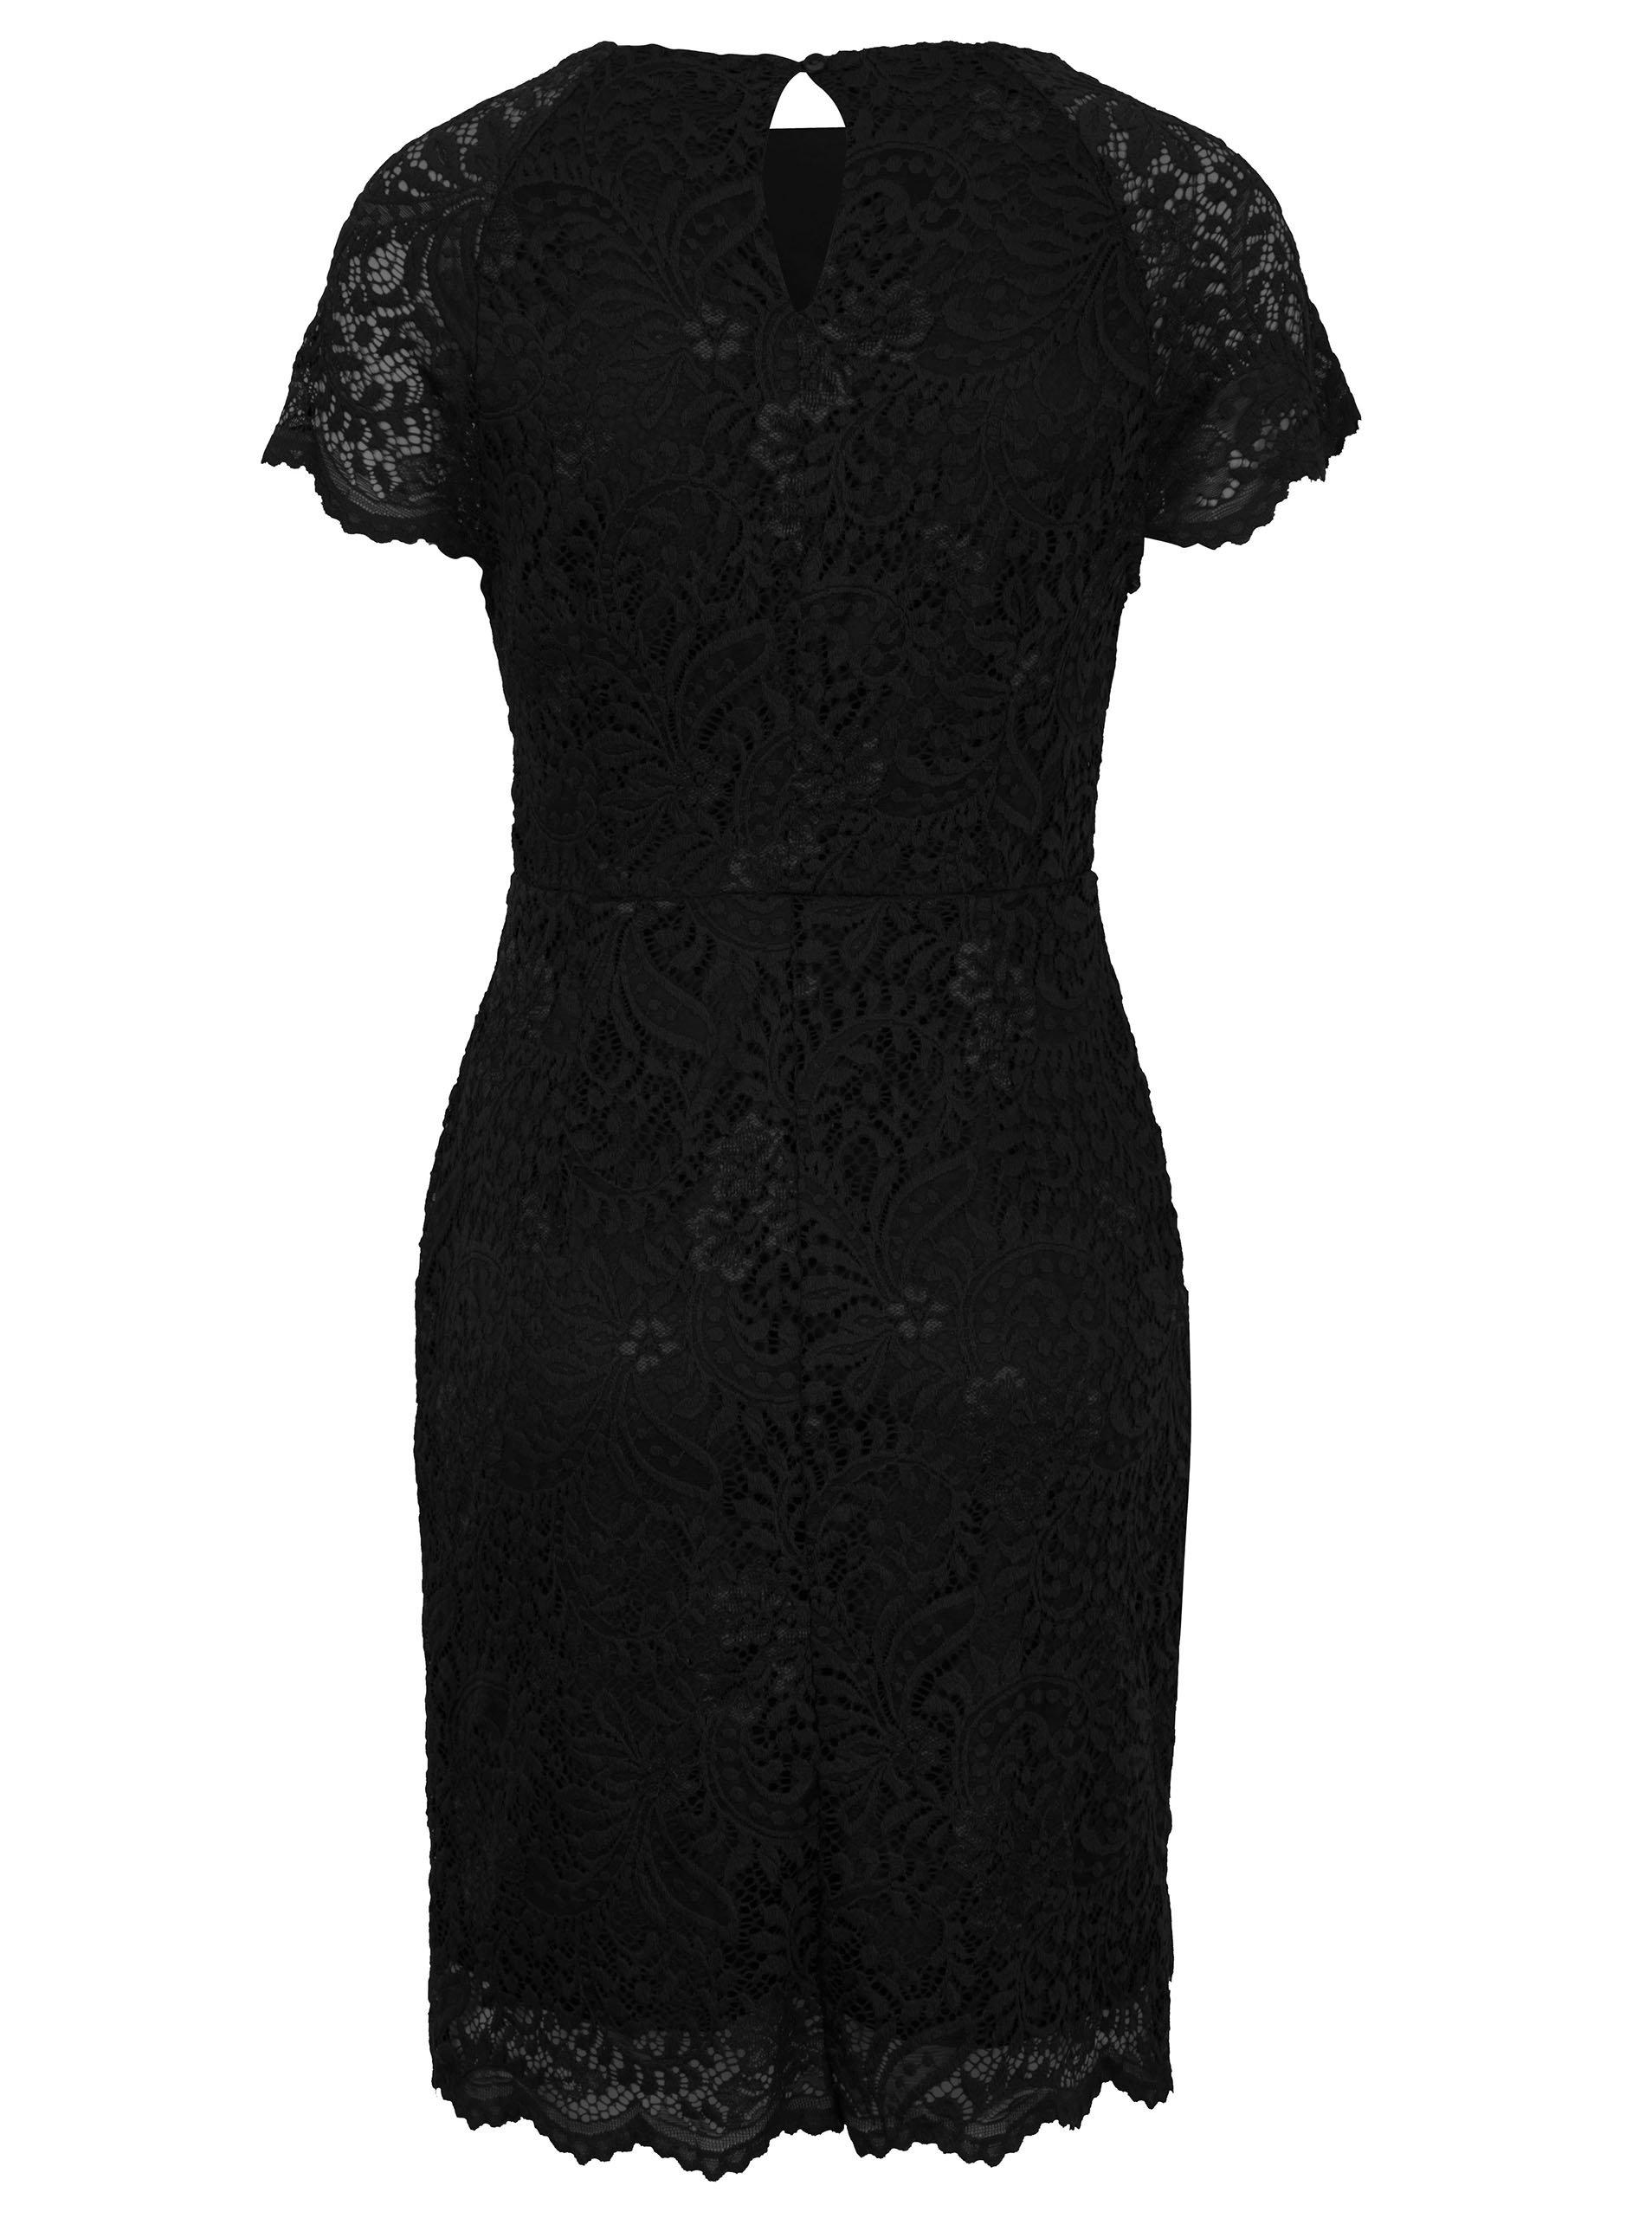 Černé krajkové šaty s krátkým rukávem ONLY Shira ... 123fea4ac6